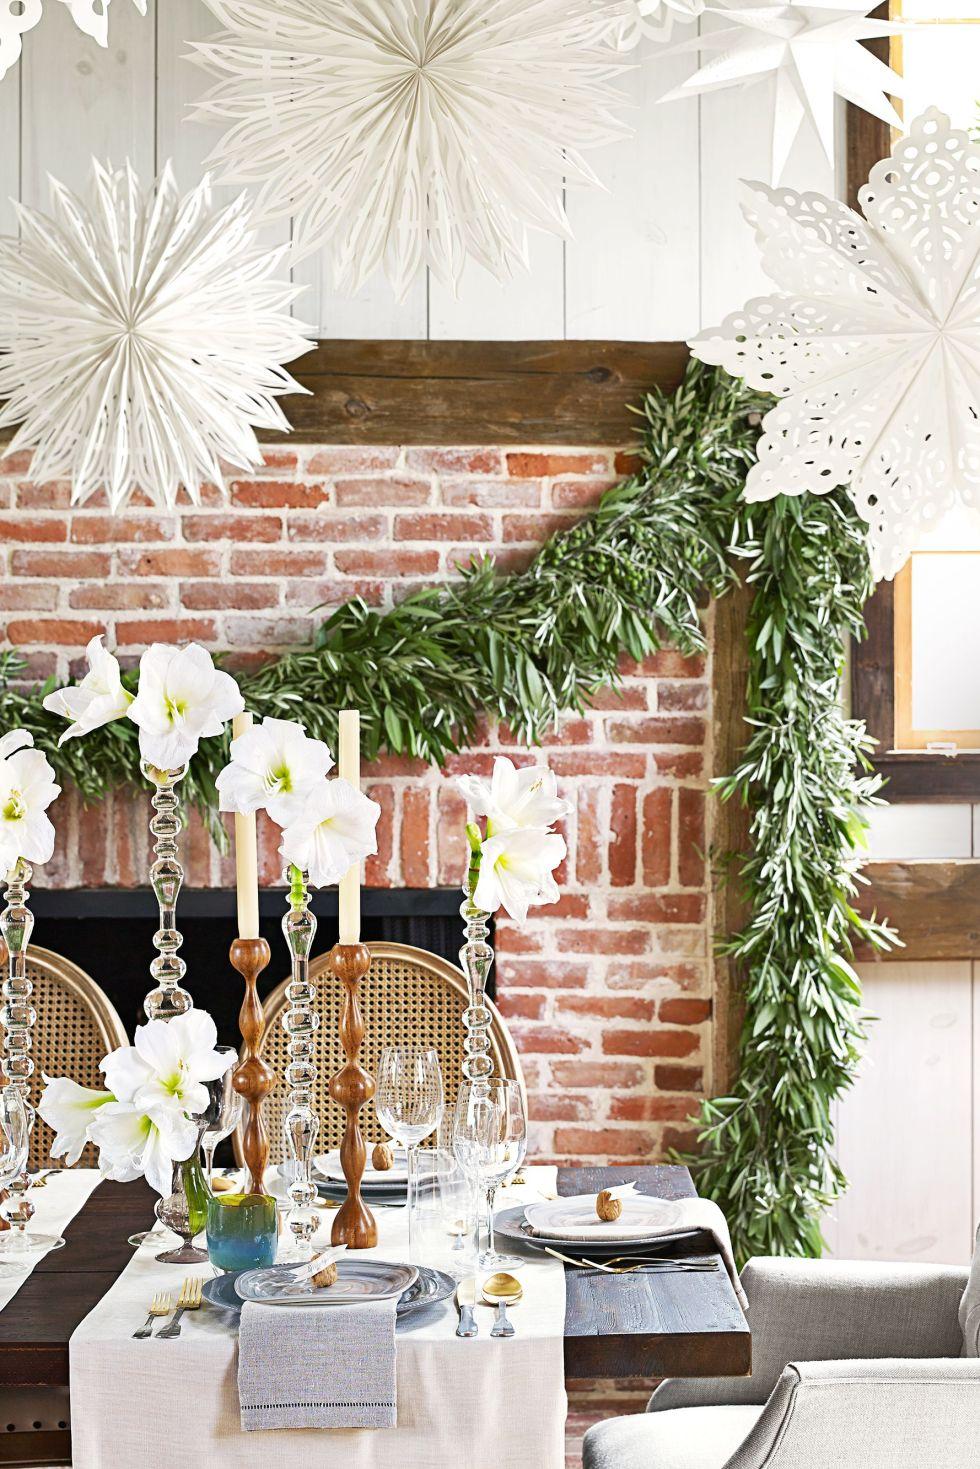 Décoration sde noël, blanc, décoration de Noël, Direction générale, Design d'intérieur, table, prix, brindille, meubles, chaise,